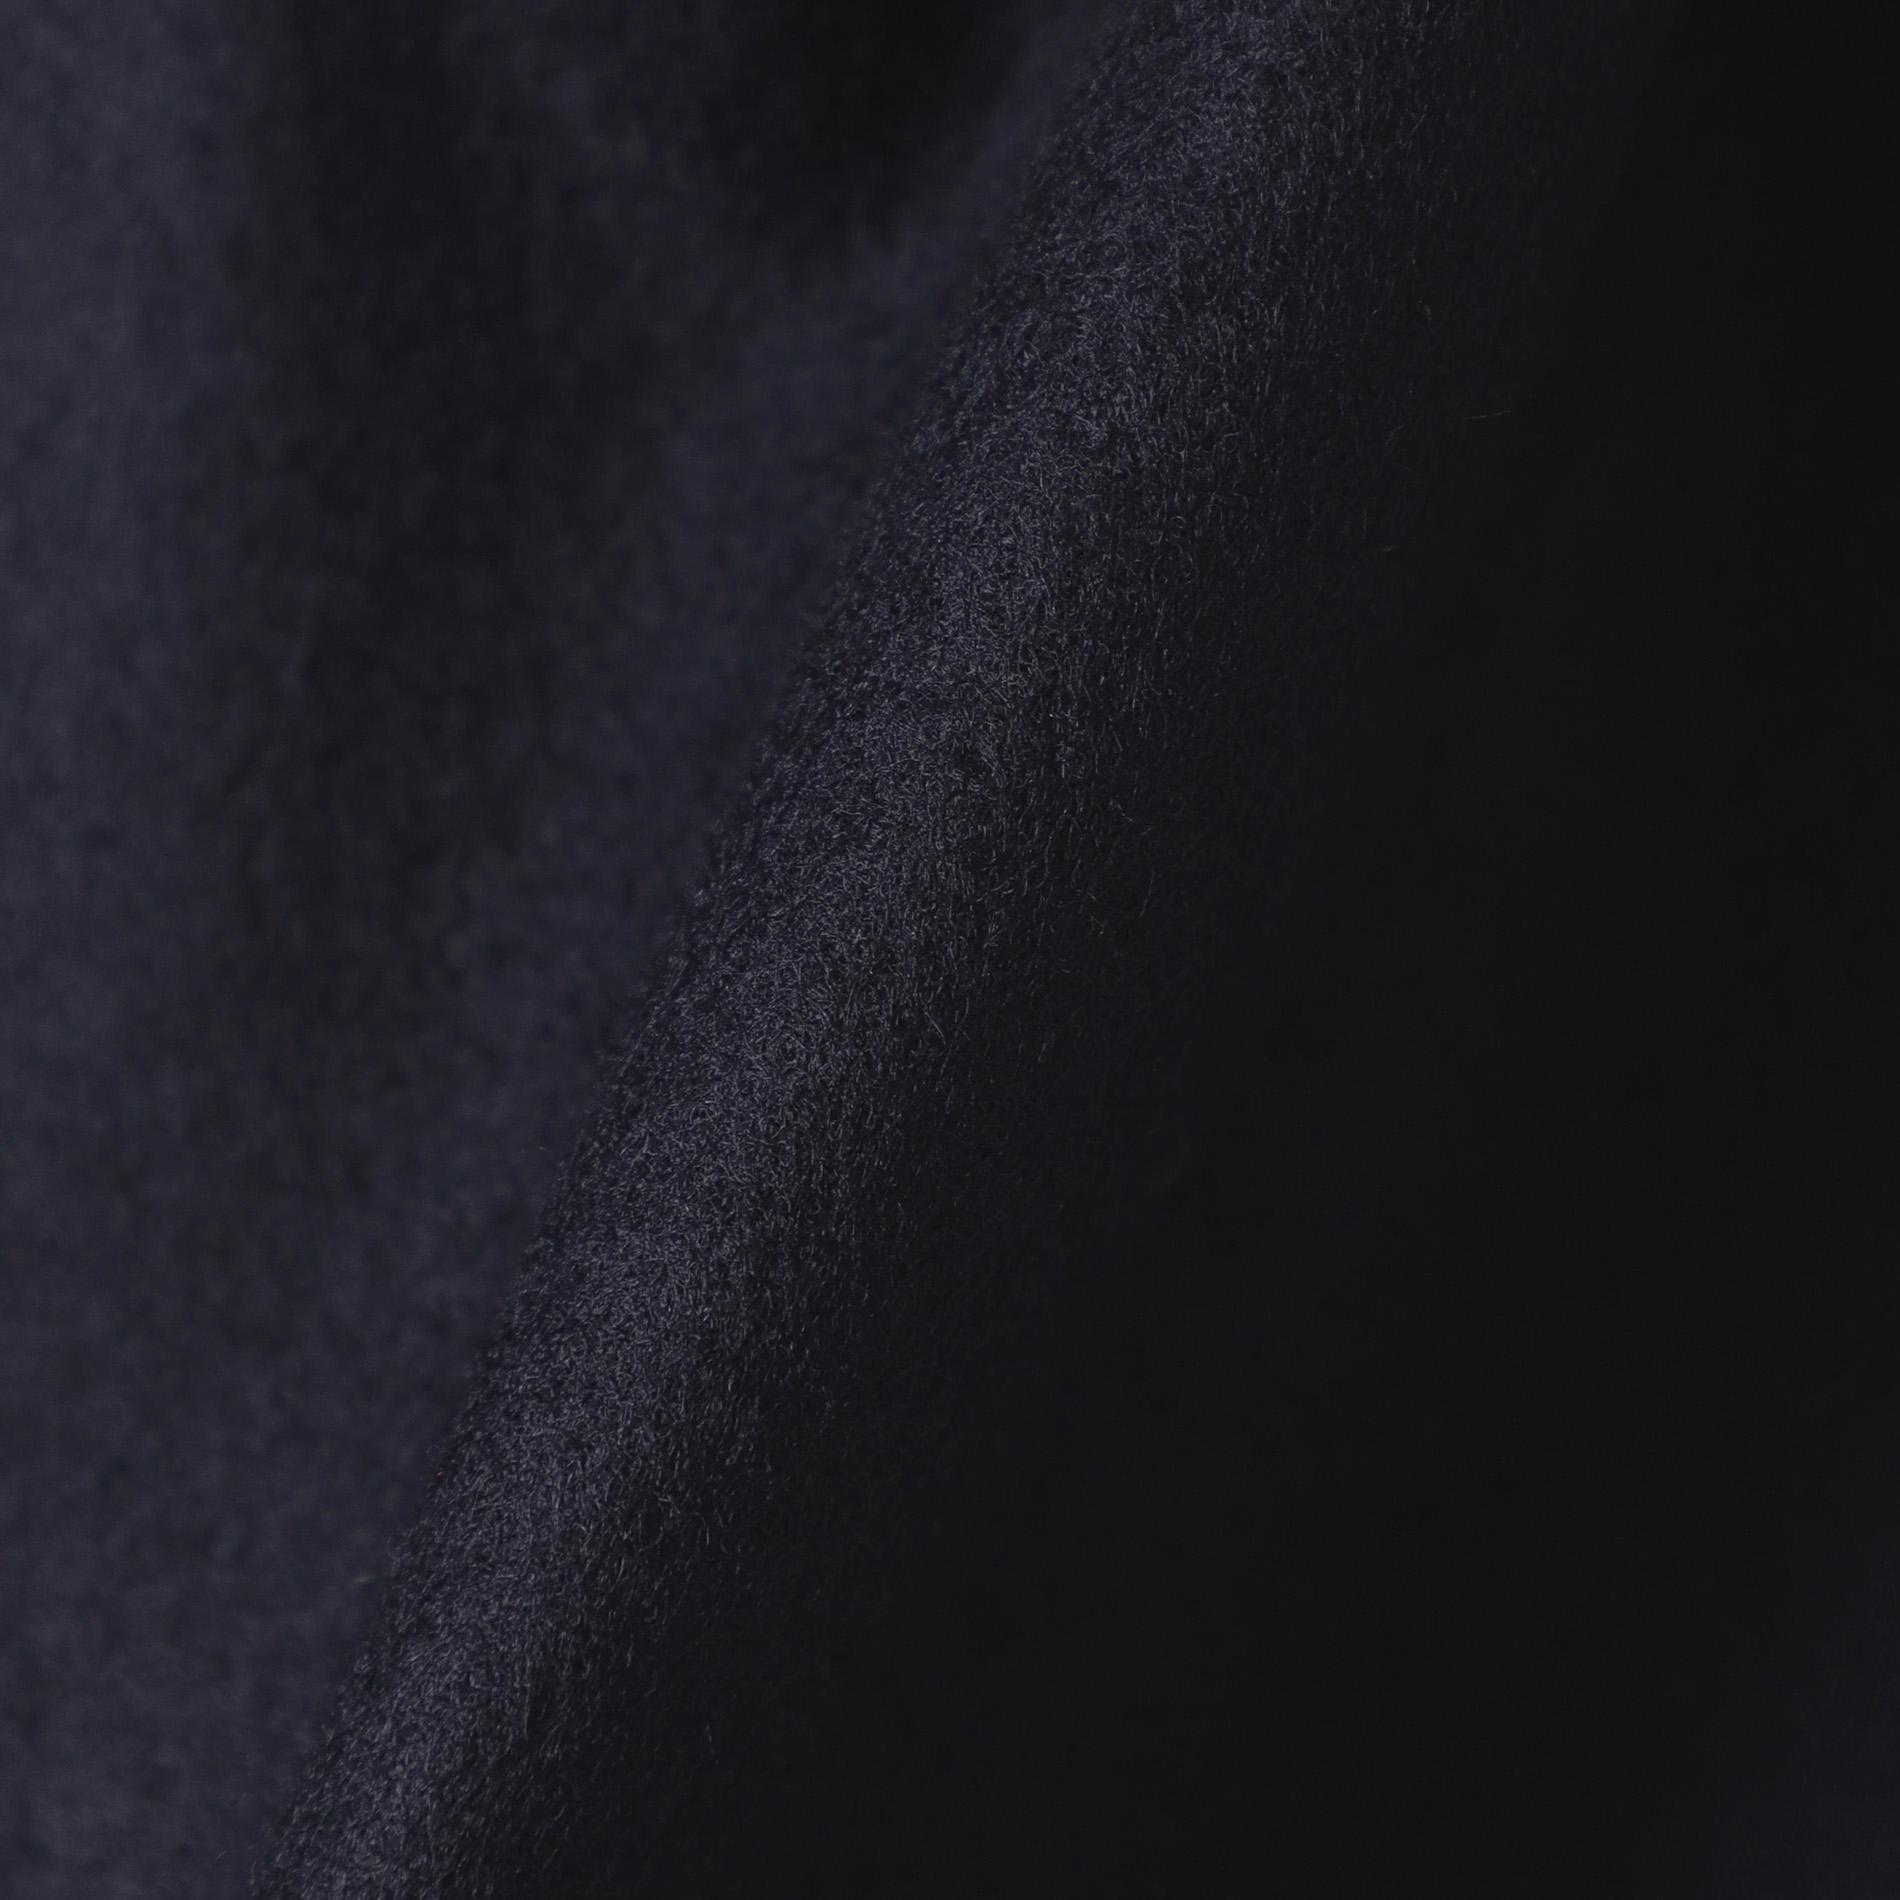 ウール二重織メルトンコート